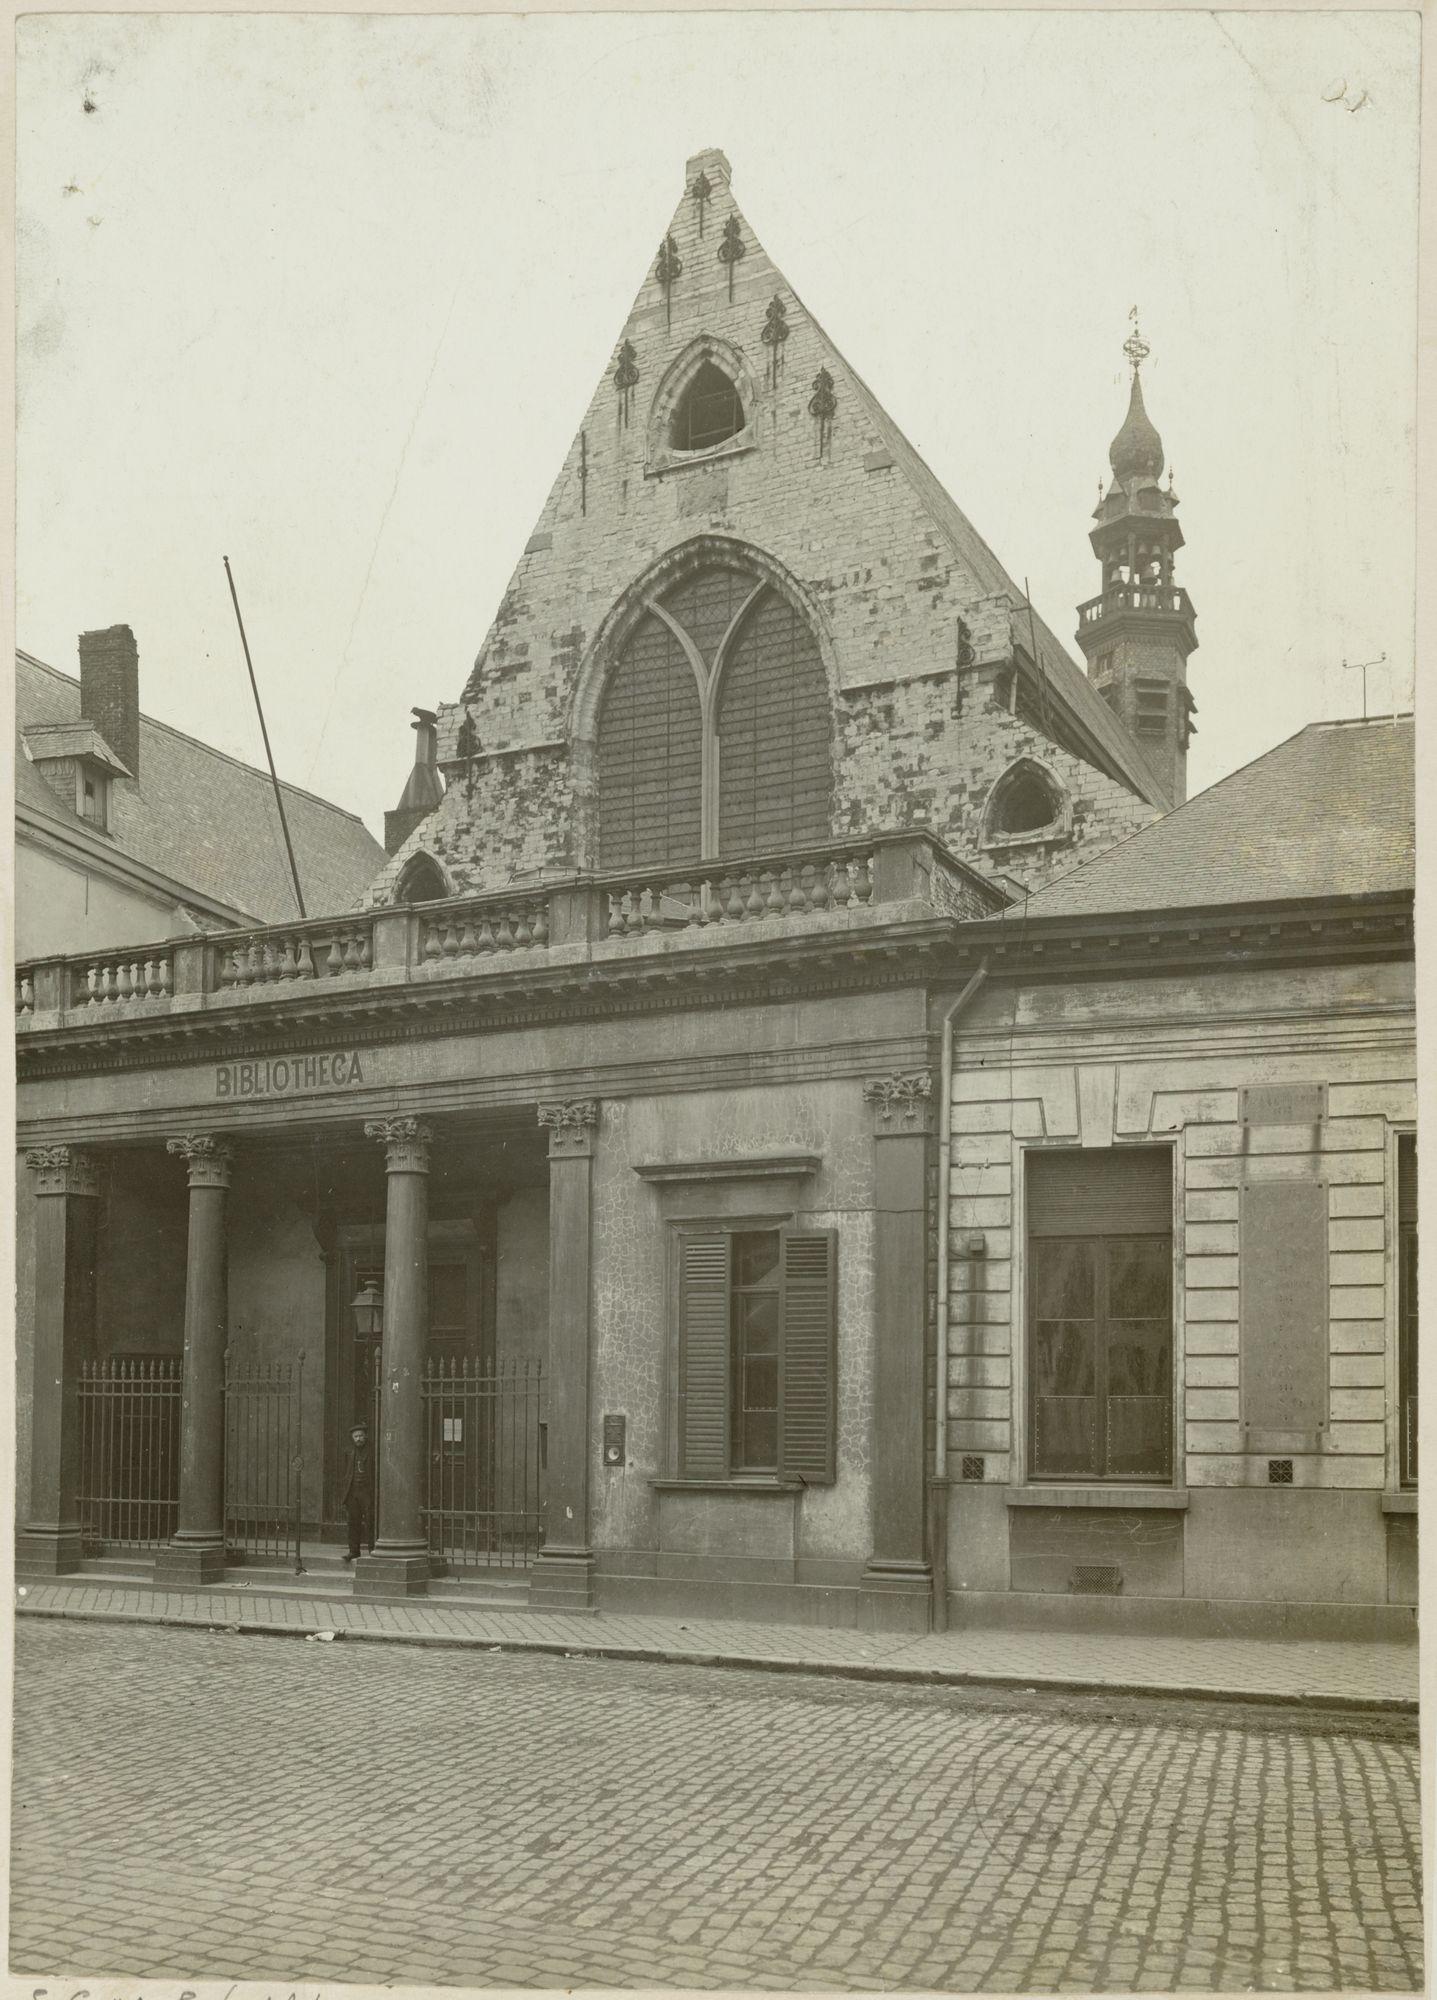 Gent: Ottogracht: Baudeloabdij: Stads- en Universiteitsbibliotheek: gevel